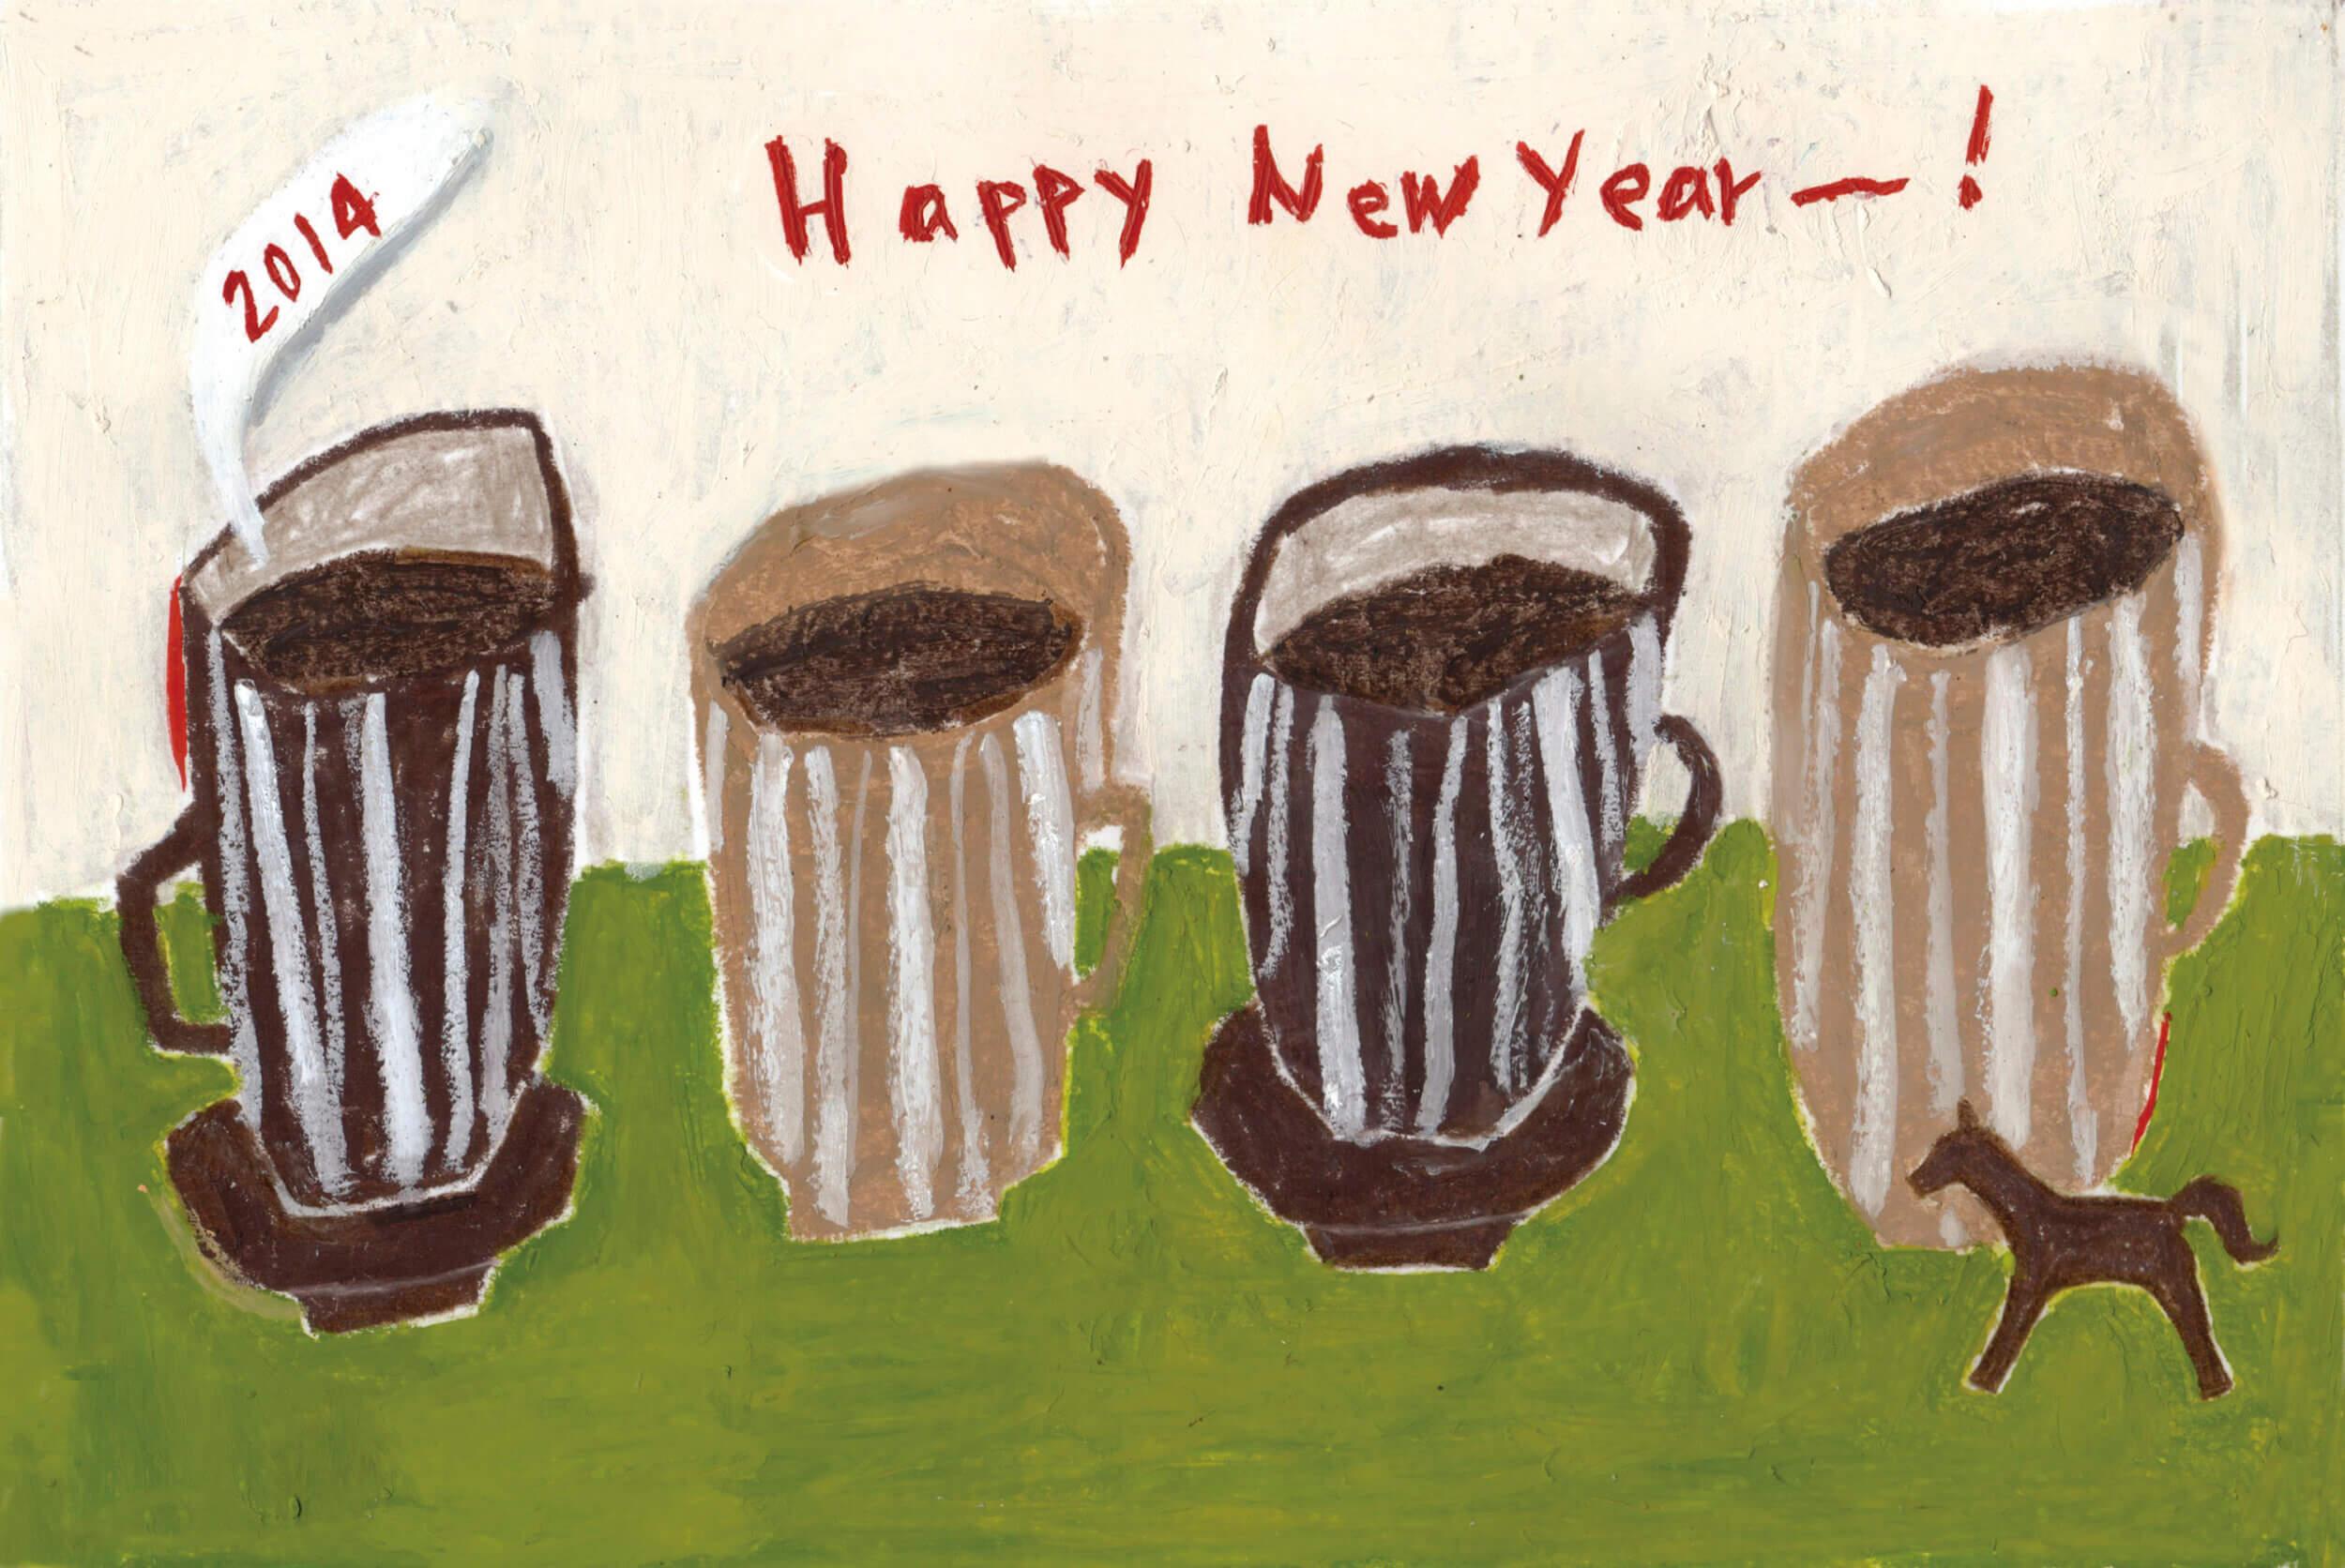 午年年賀状 カードボックス2014年「コーヒーと馬」